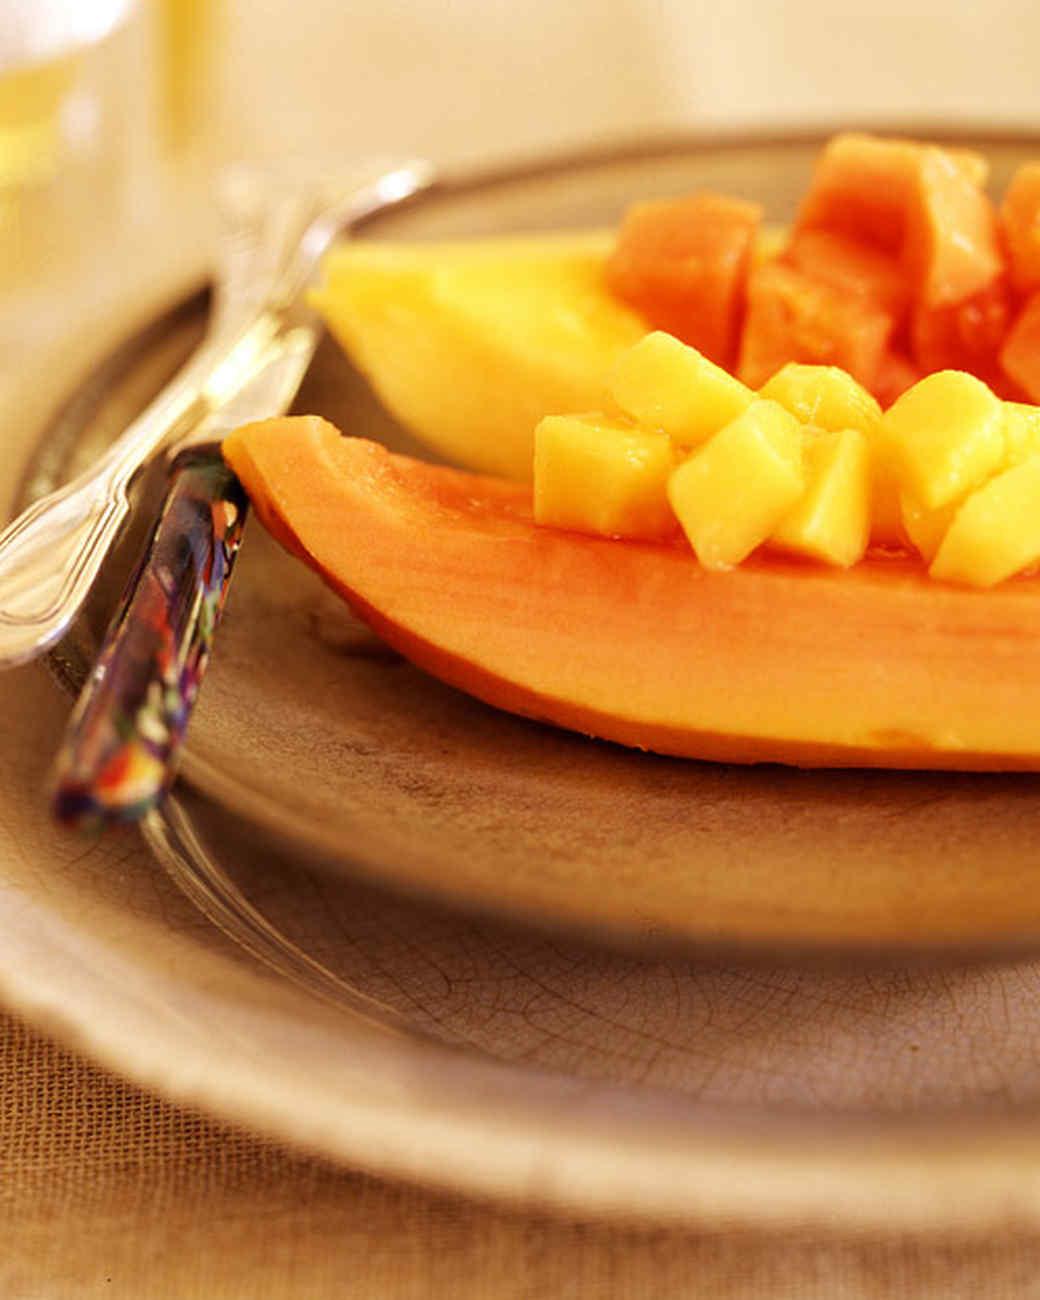 a97120_hqcb_papaya_wedge_l.jpg